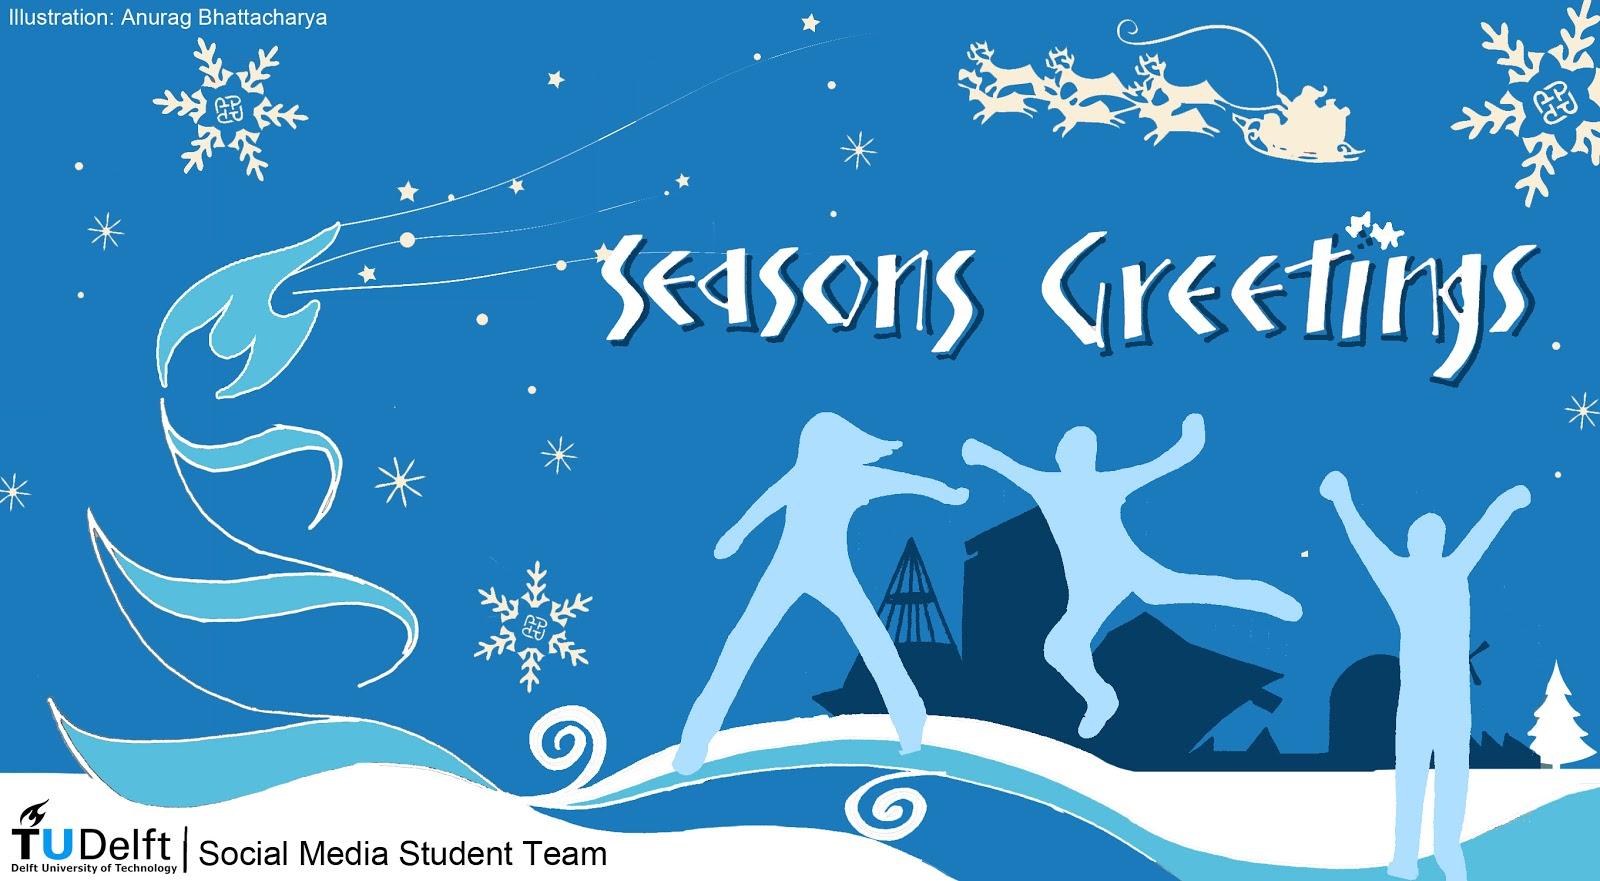 Seasons greetings 2013